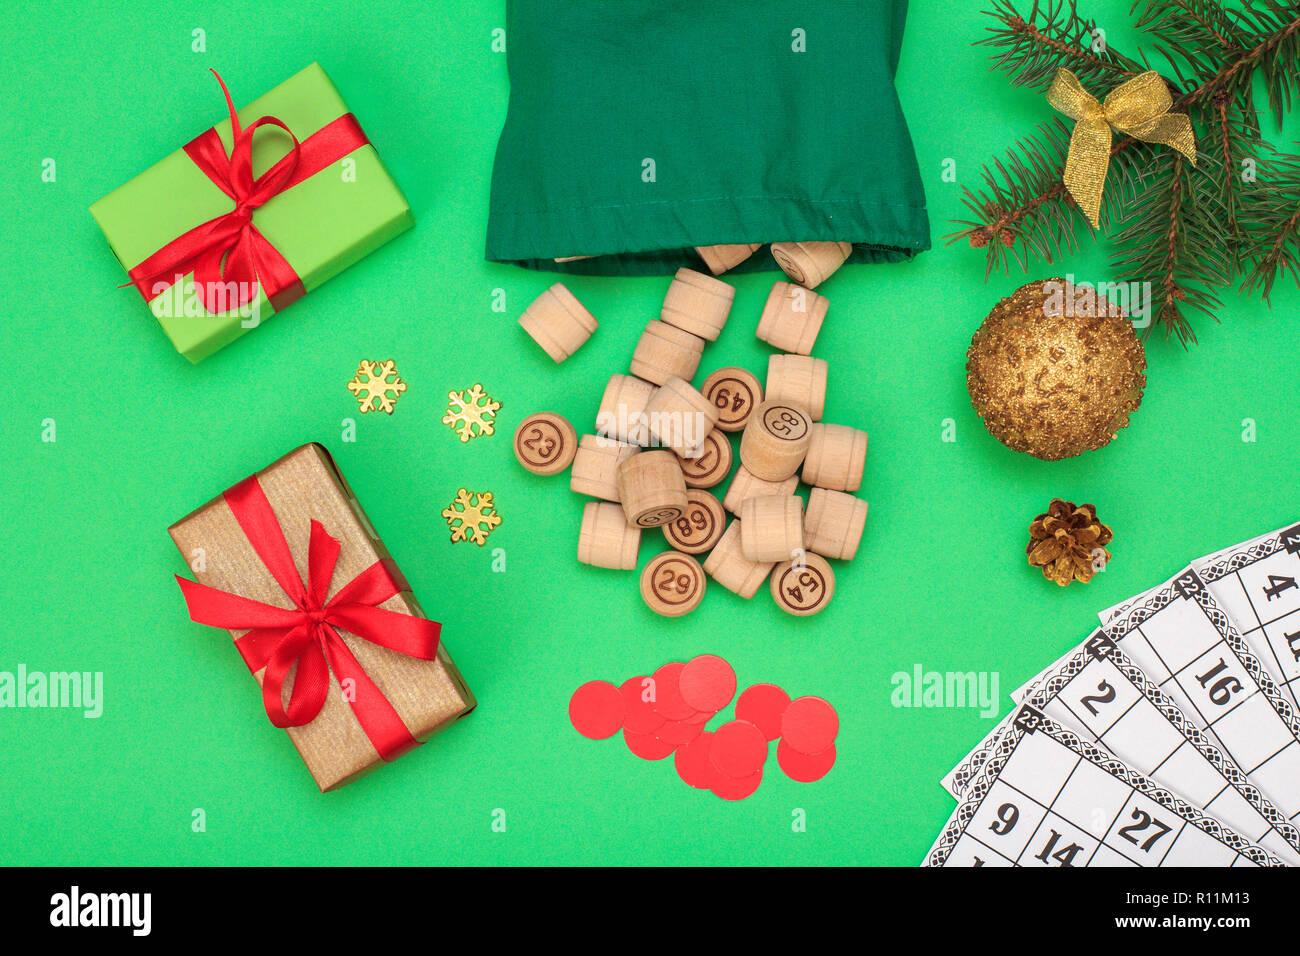 Lotto Weihnachten.Board Game Lotto Holz Lotto Fässer Mit Tasche Spielkarten Und Red